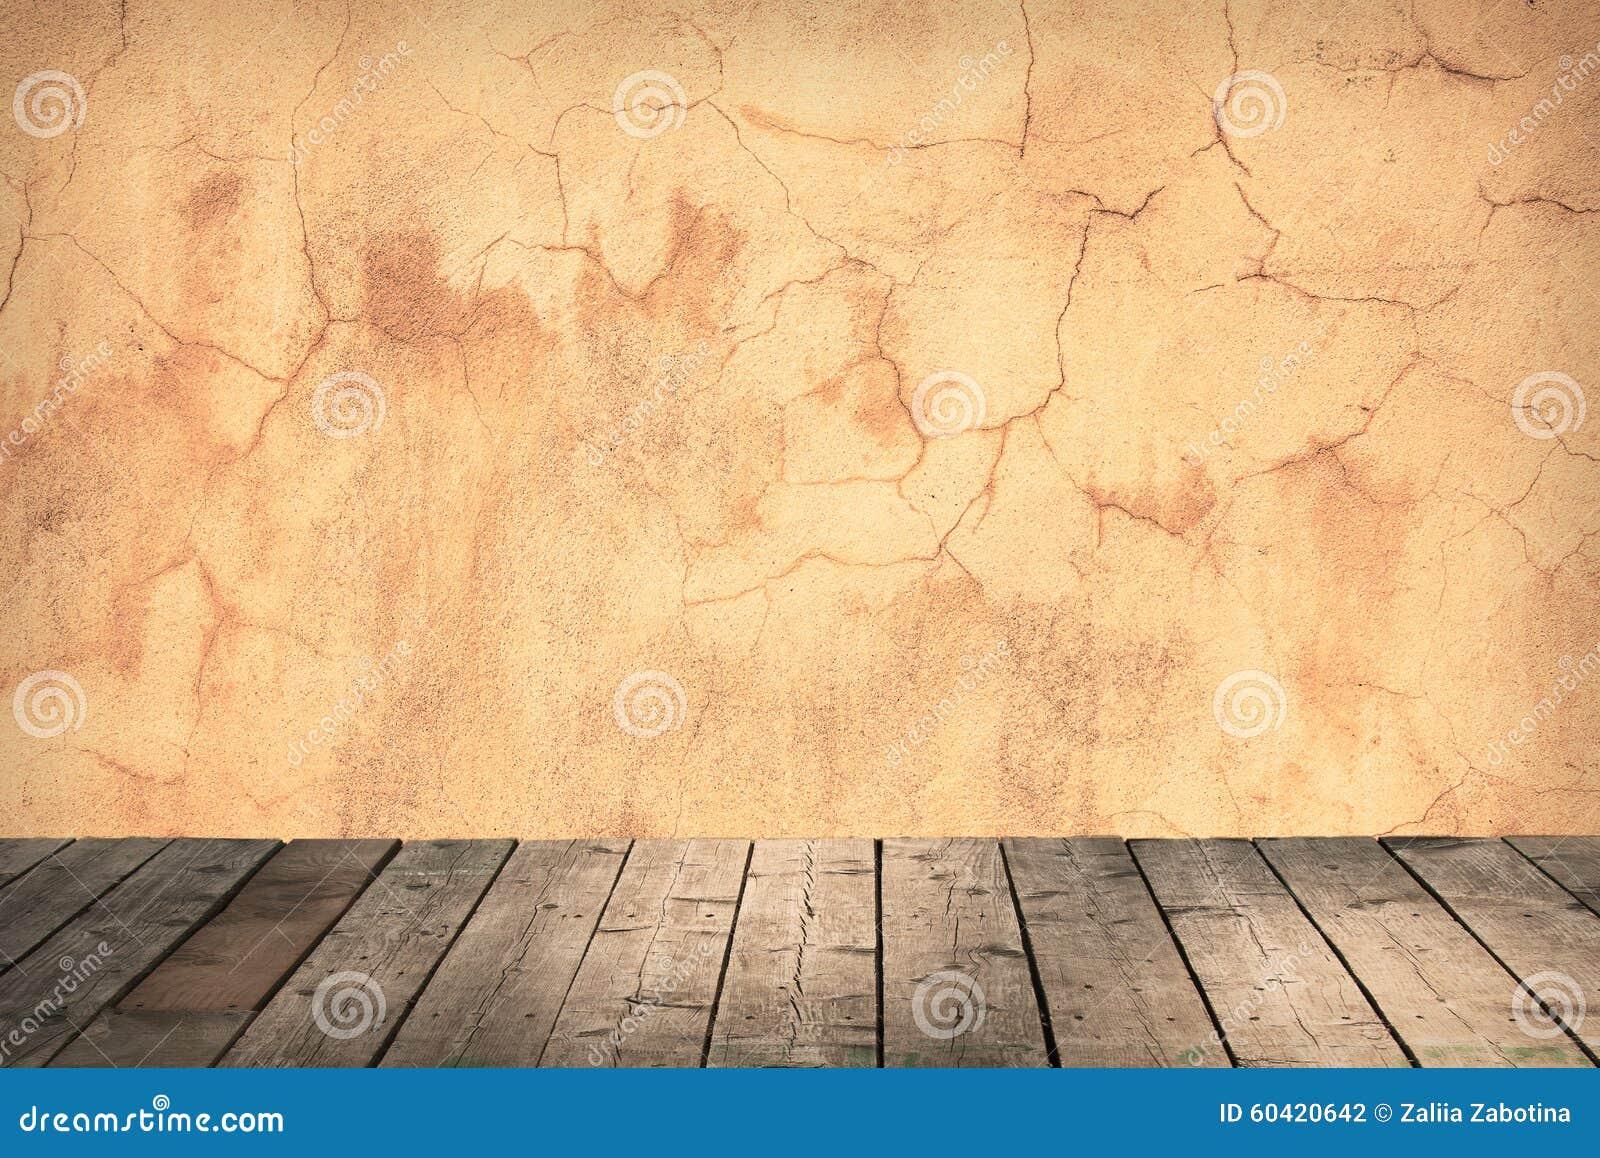 有一个混凝土墙和木地板的室